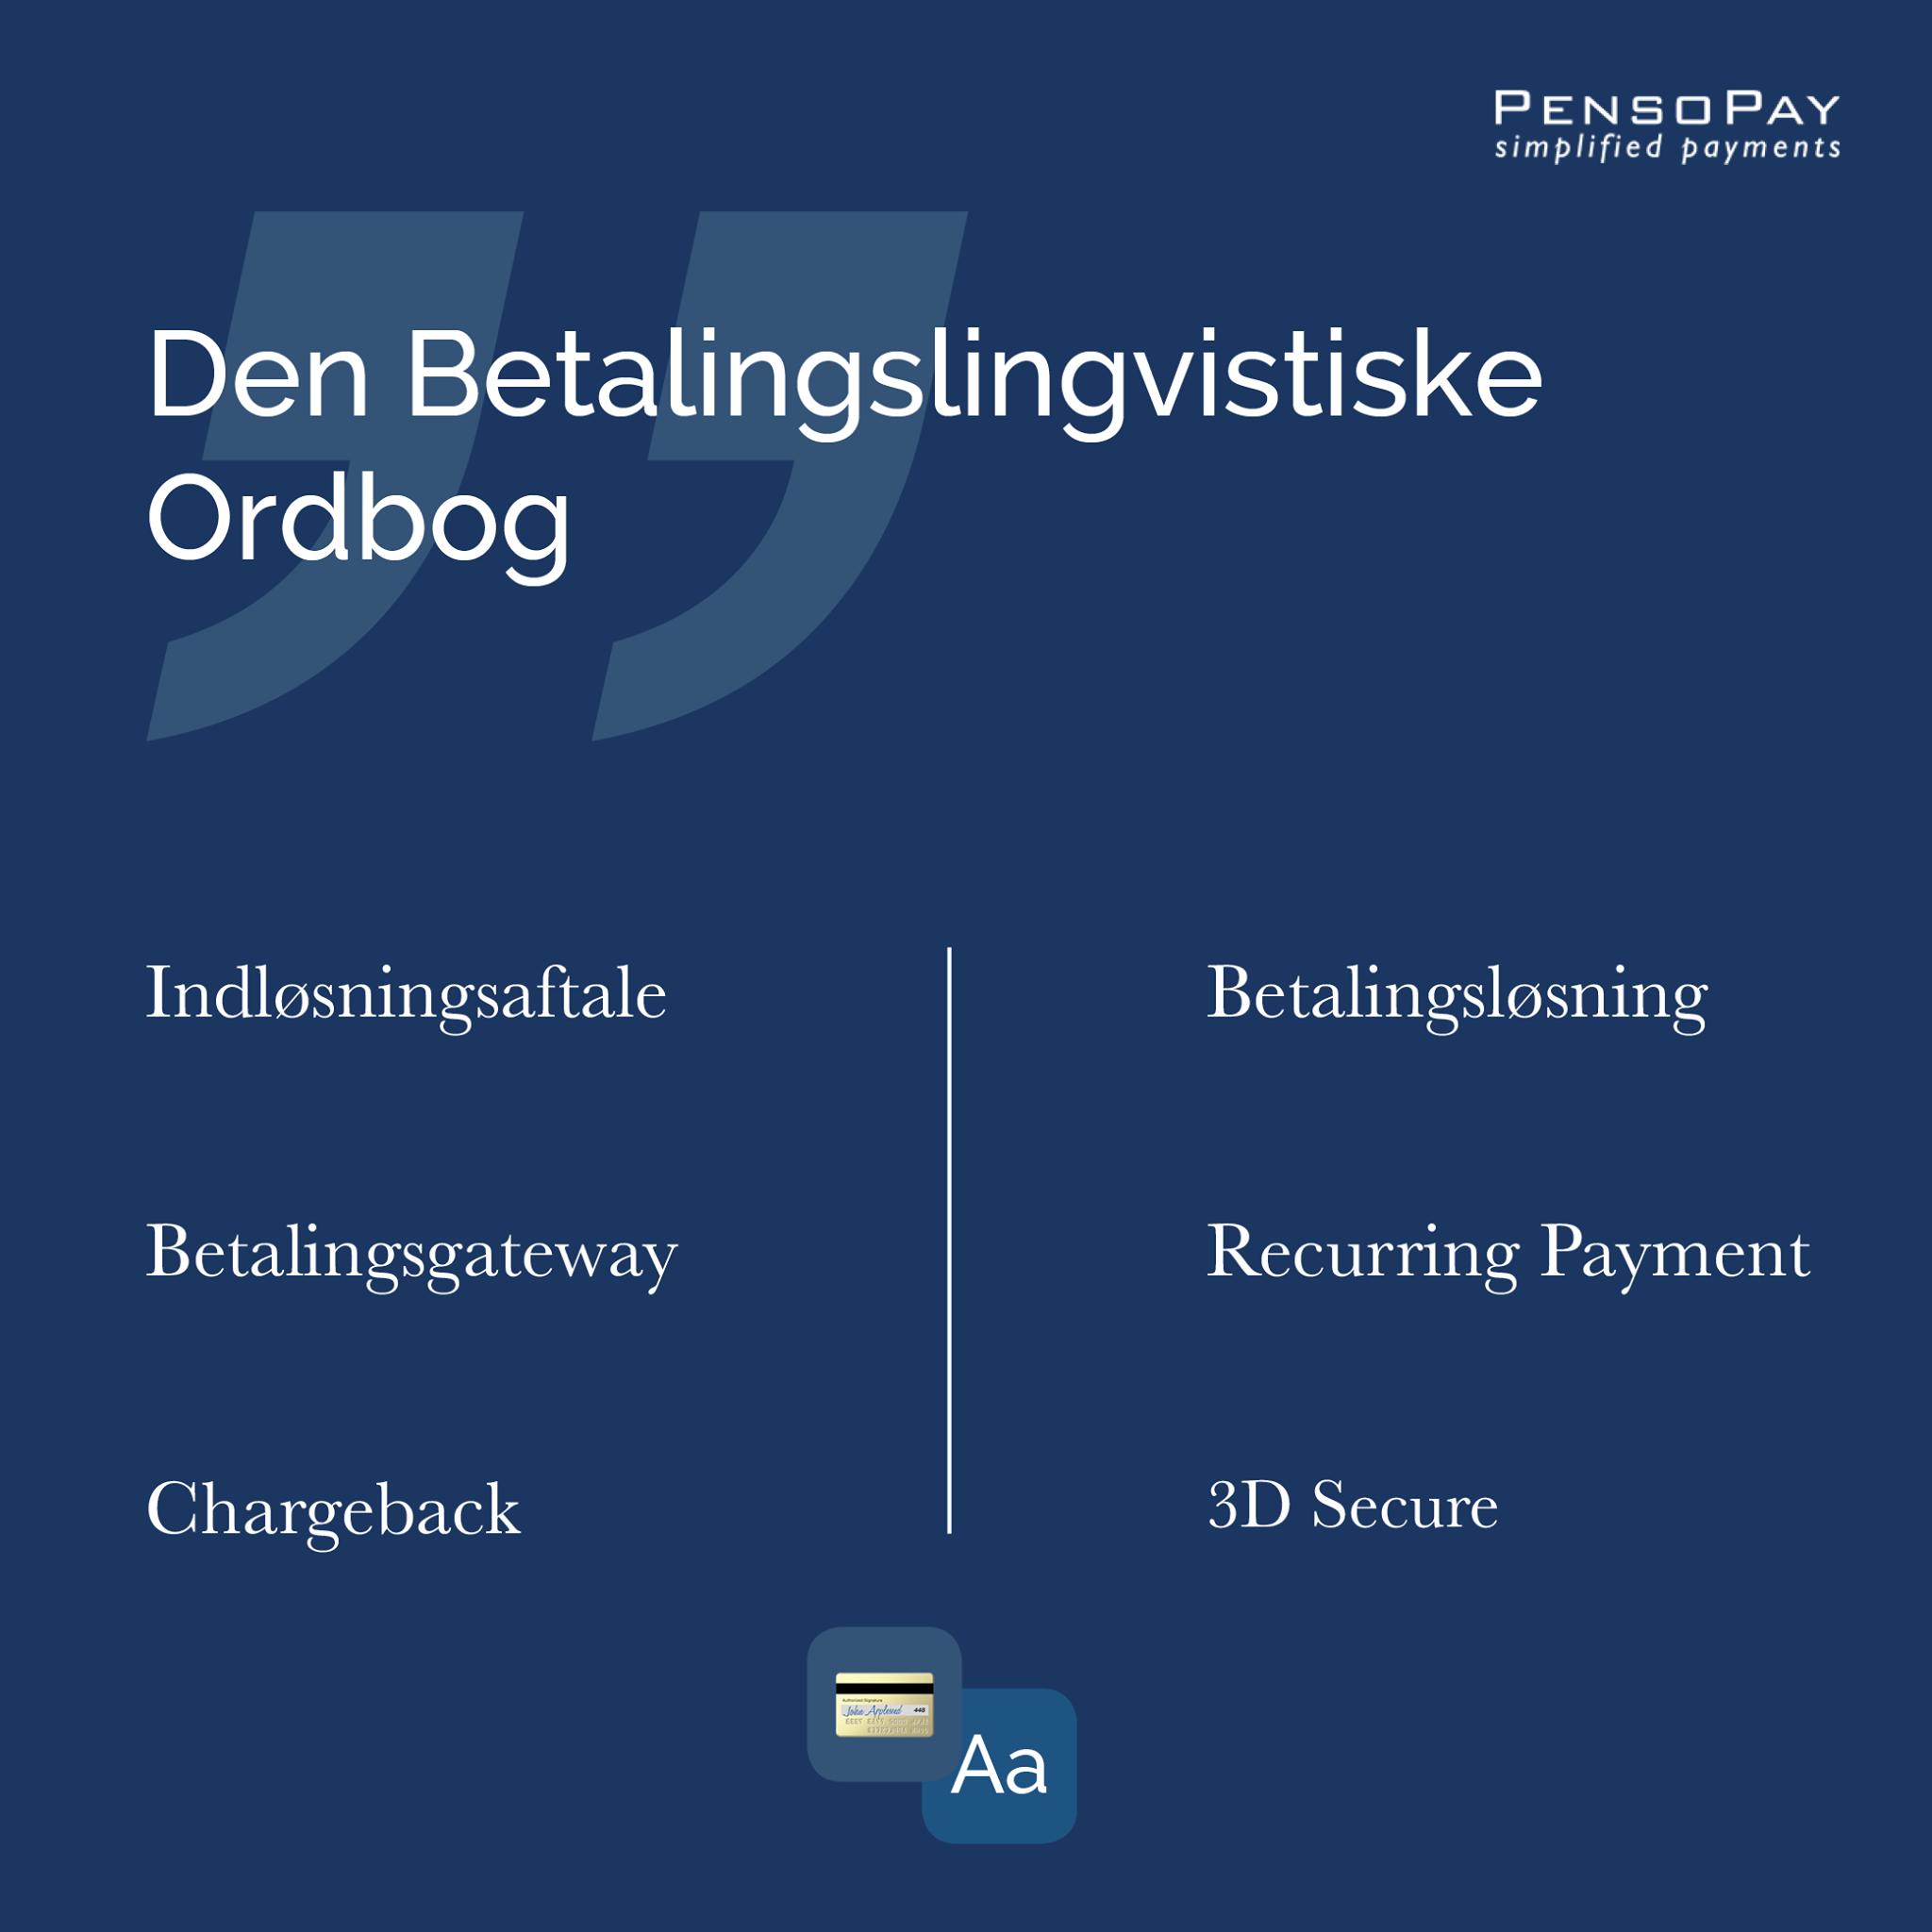 Pensopay-Den Betalingslingvistiske ordbog